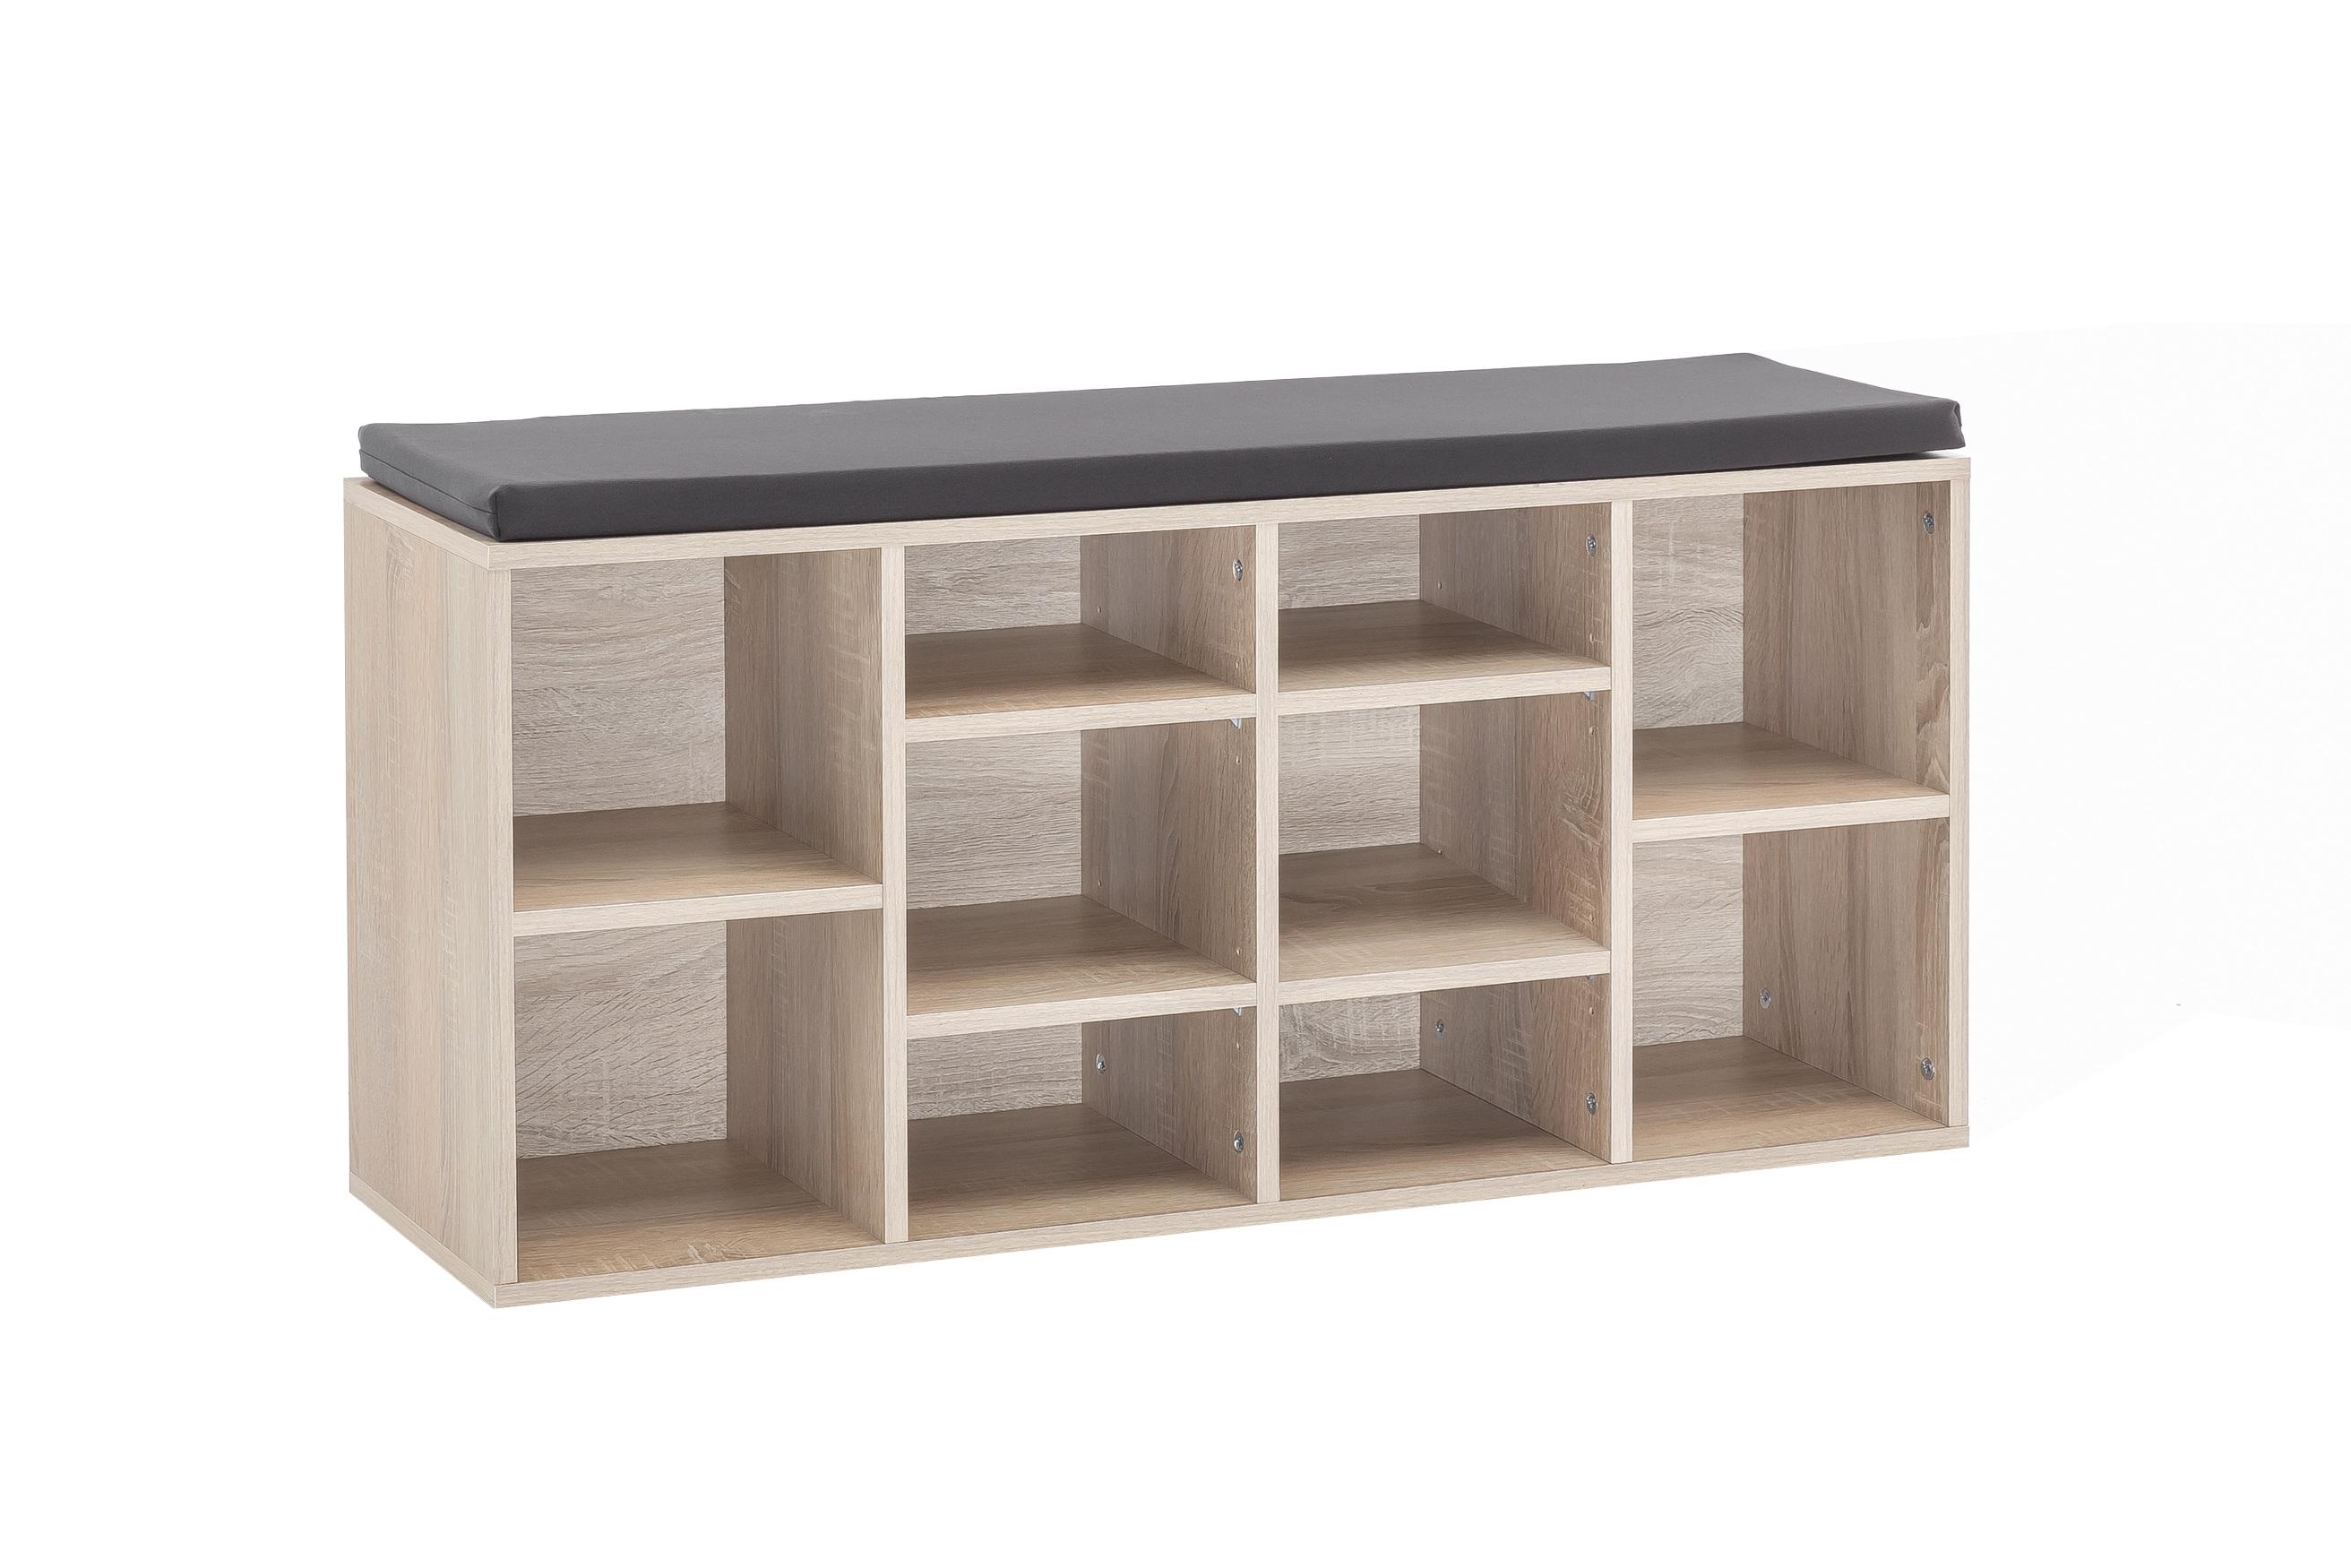 schuhregal emmy mit sitzkissen eiche sonoma wohnen schuhschrank. Black Bedroom Furniture Sets. Home Design Ideas